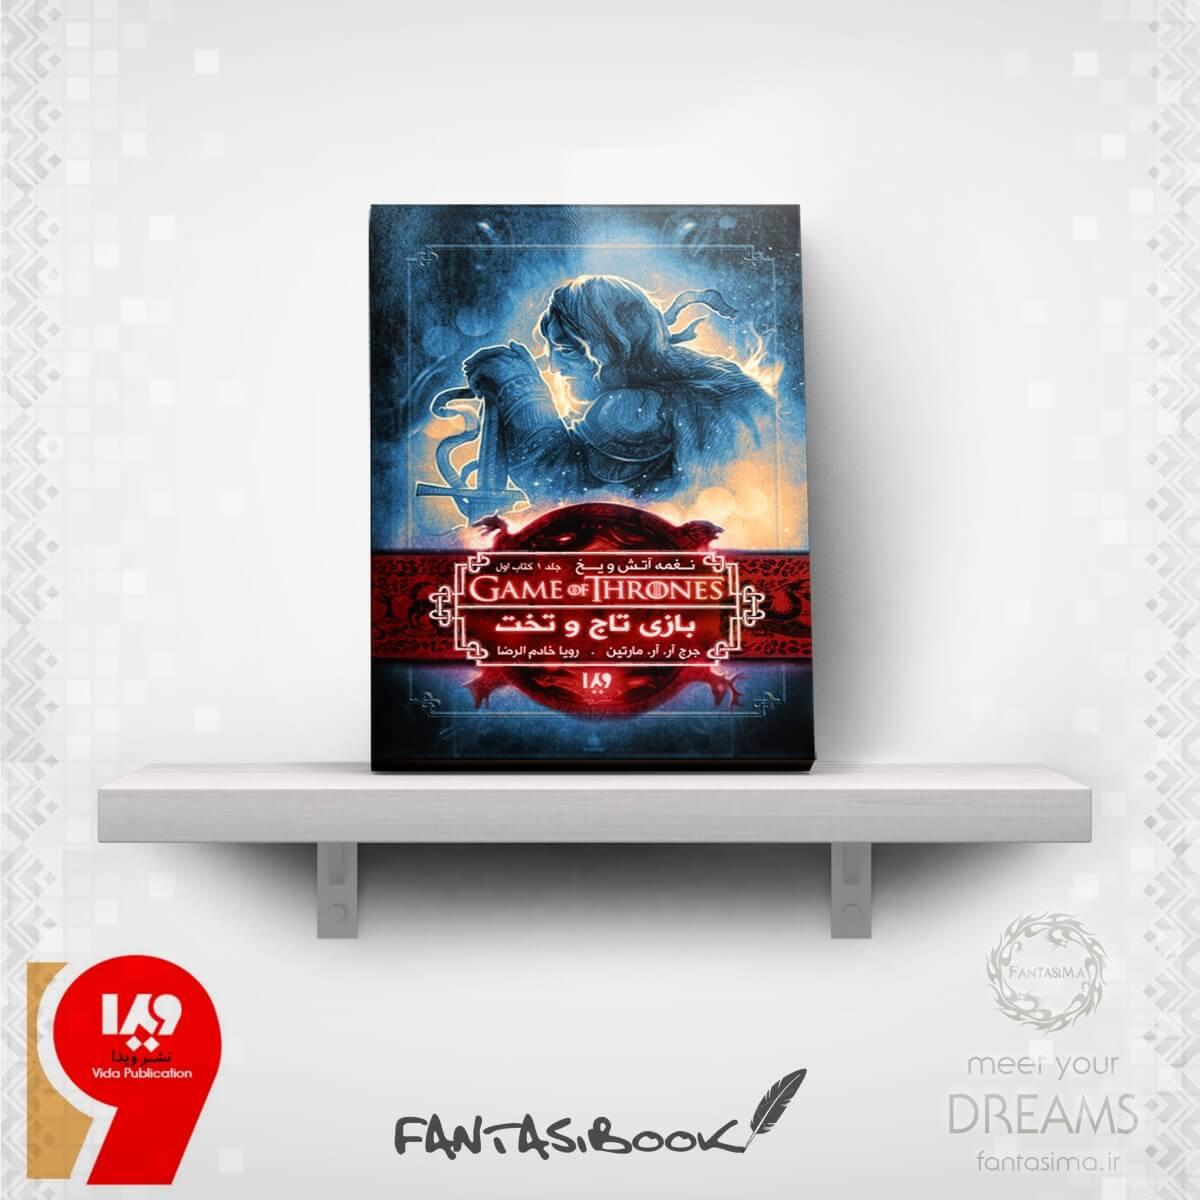 کتاب نغمه آتش و یخ - جلد 01 - بازی تاج و تخت 1